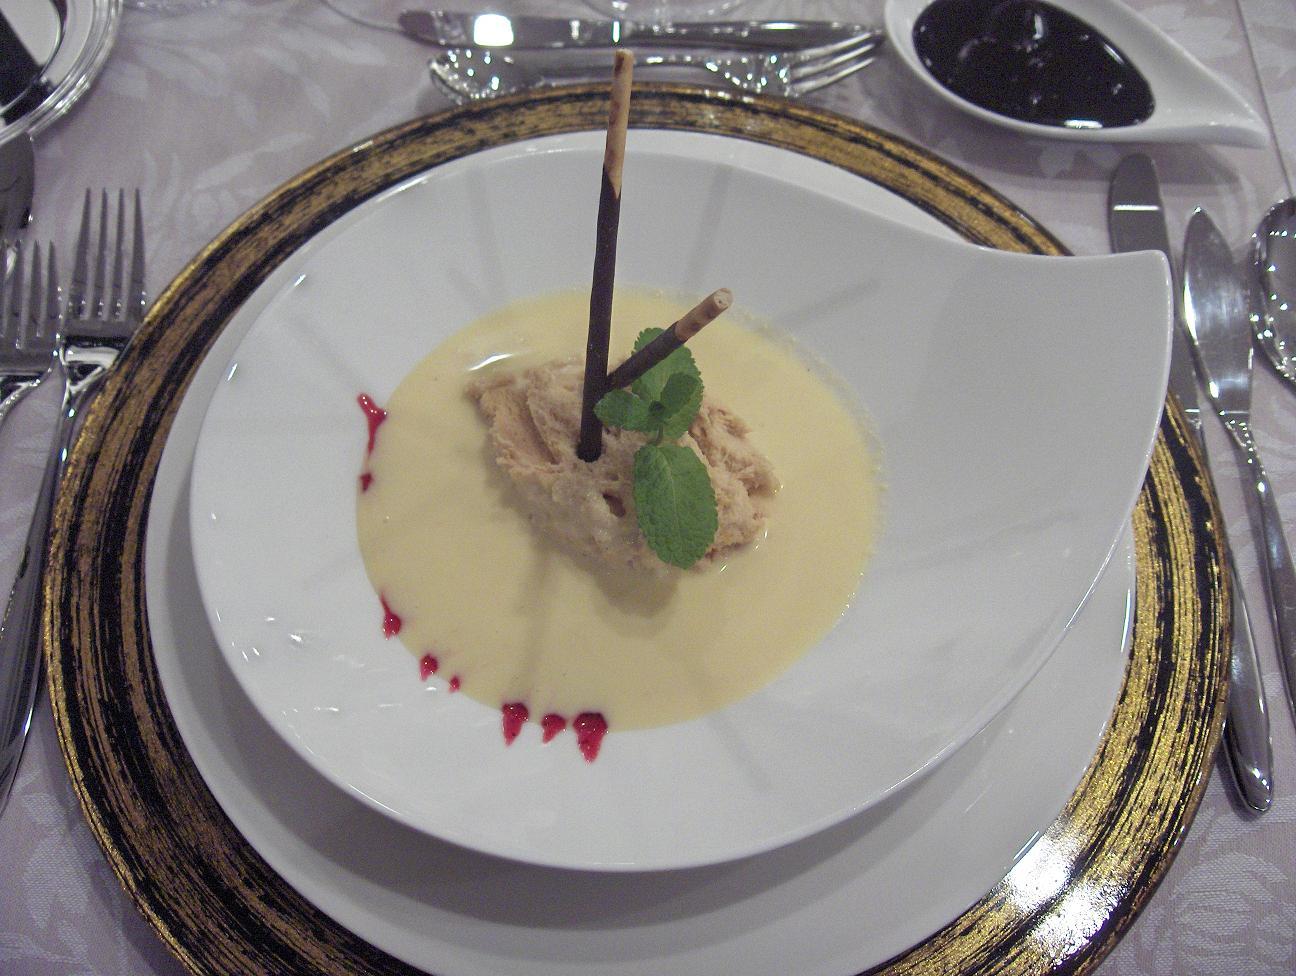 mousse de turron con sopa de vainilla